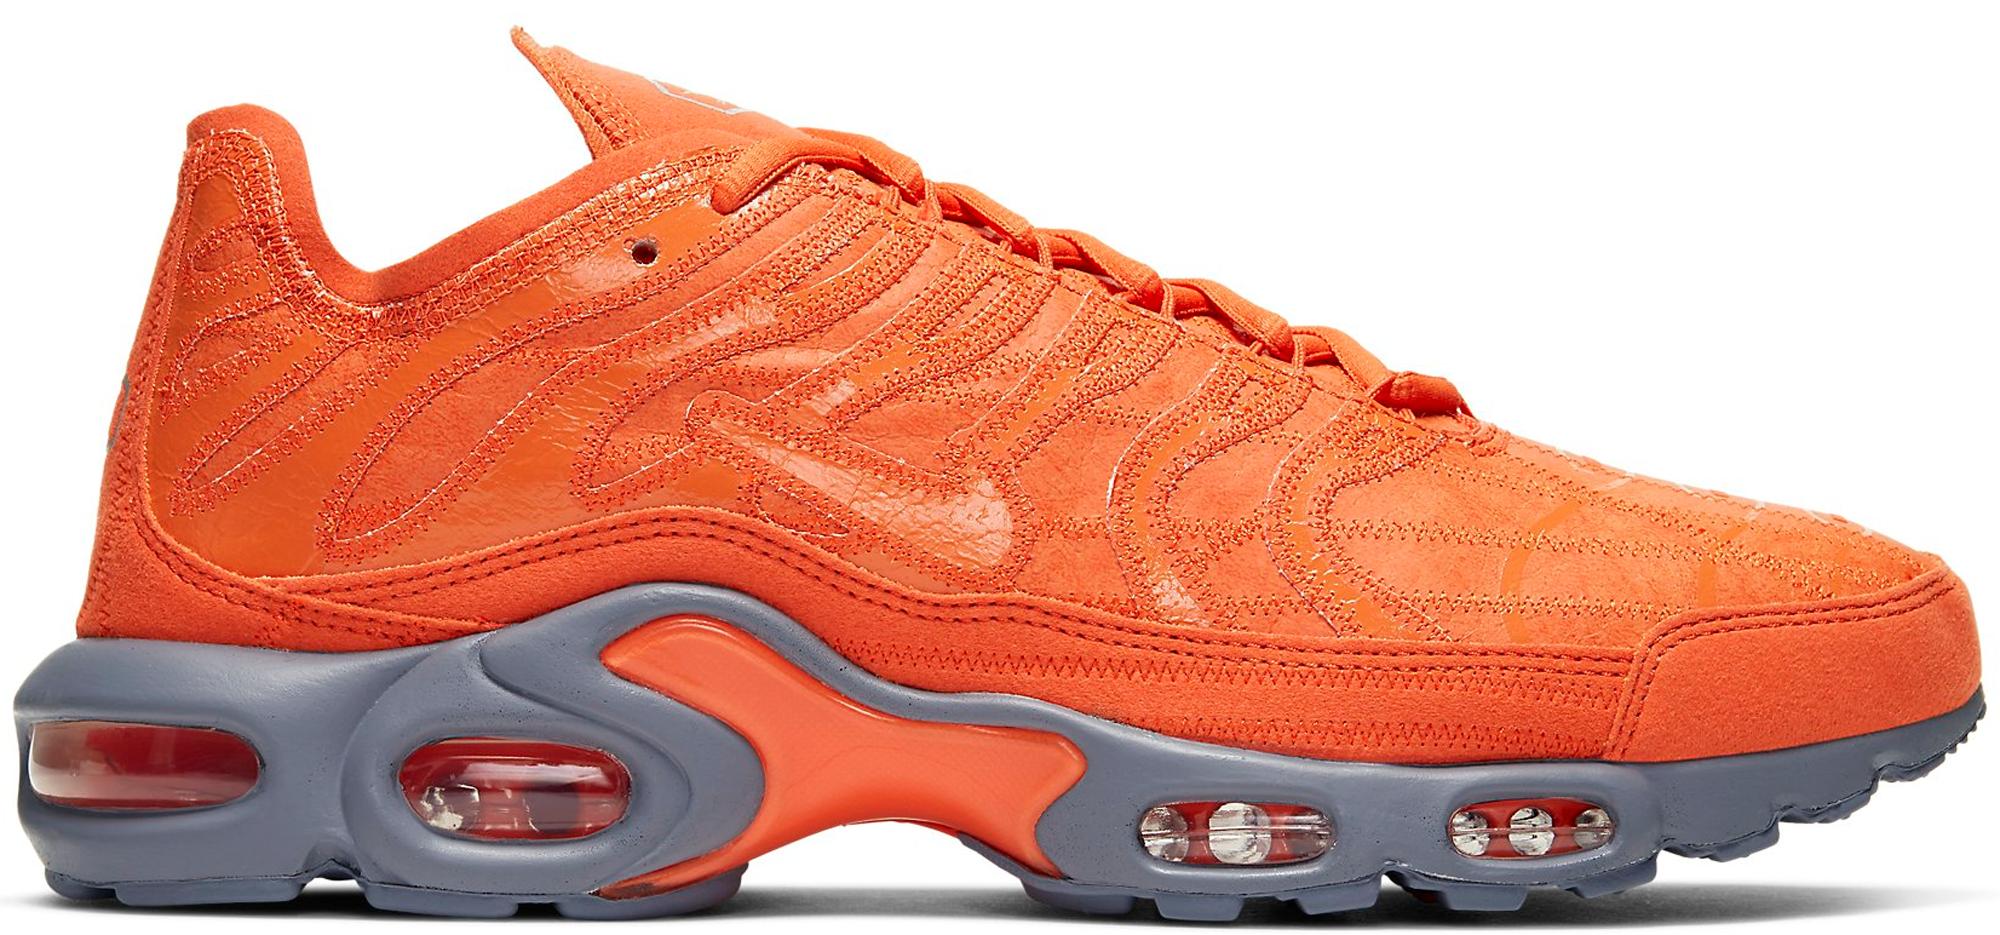 Nike Air Max Plus Decon Orange - CD0882-800